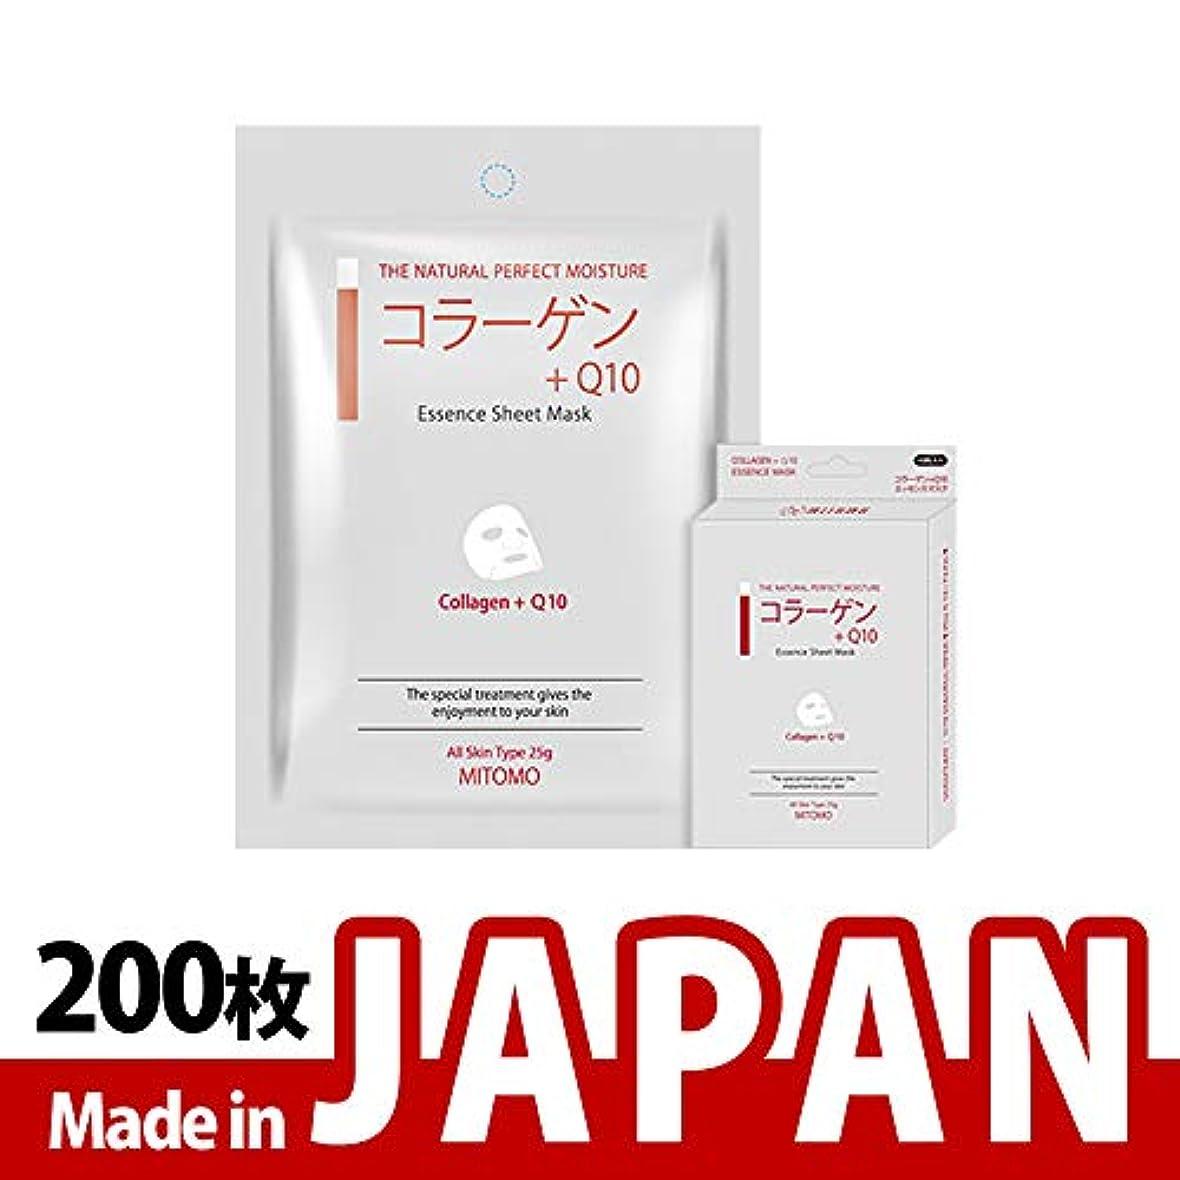 少数公爵確認してくださいMITOMO【MC001-A-1】日本製シートマスク/10枚入り/200枚/美容液/マスクパック/送料無料